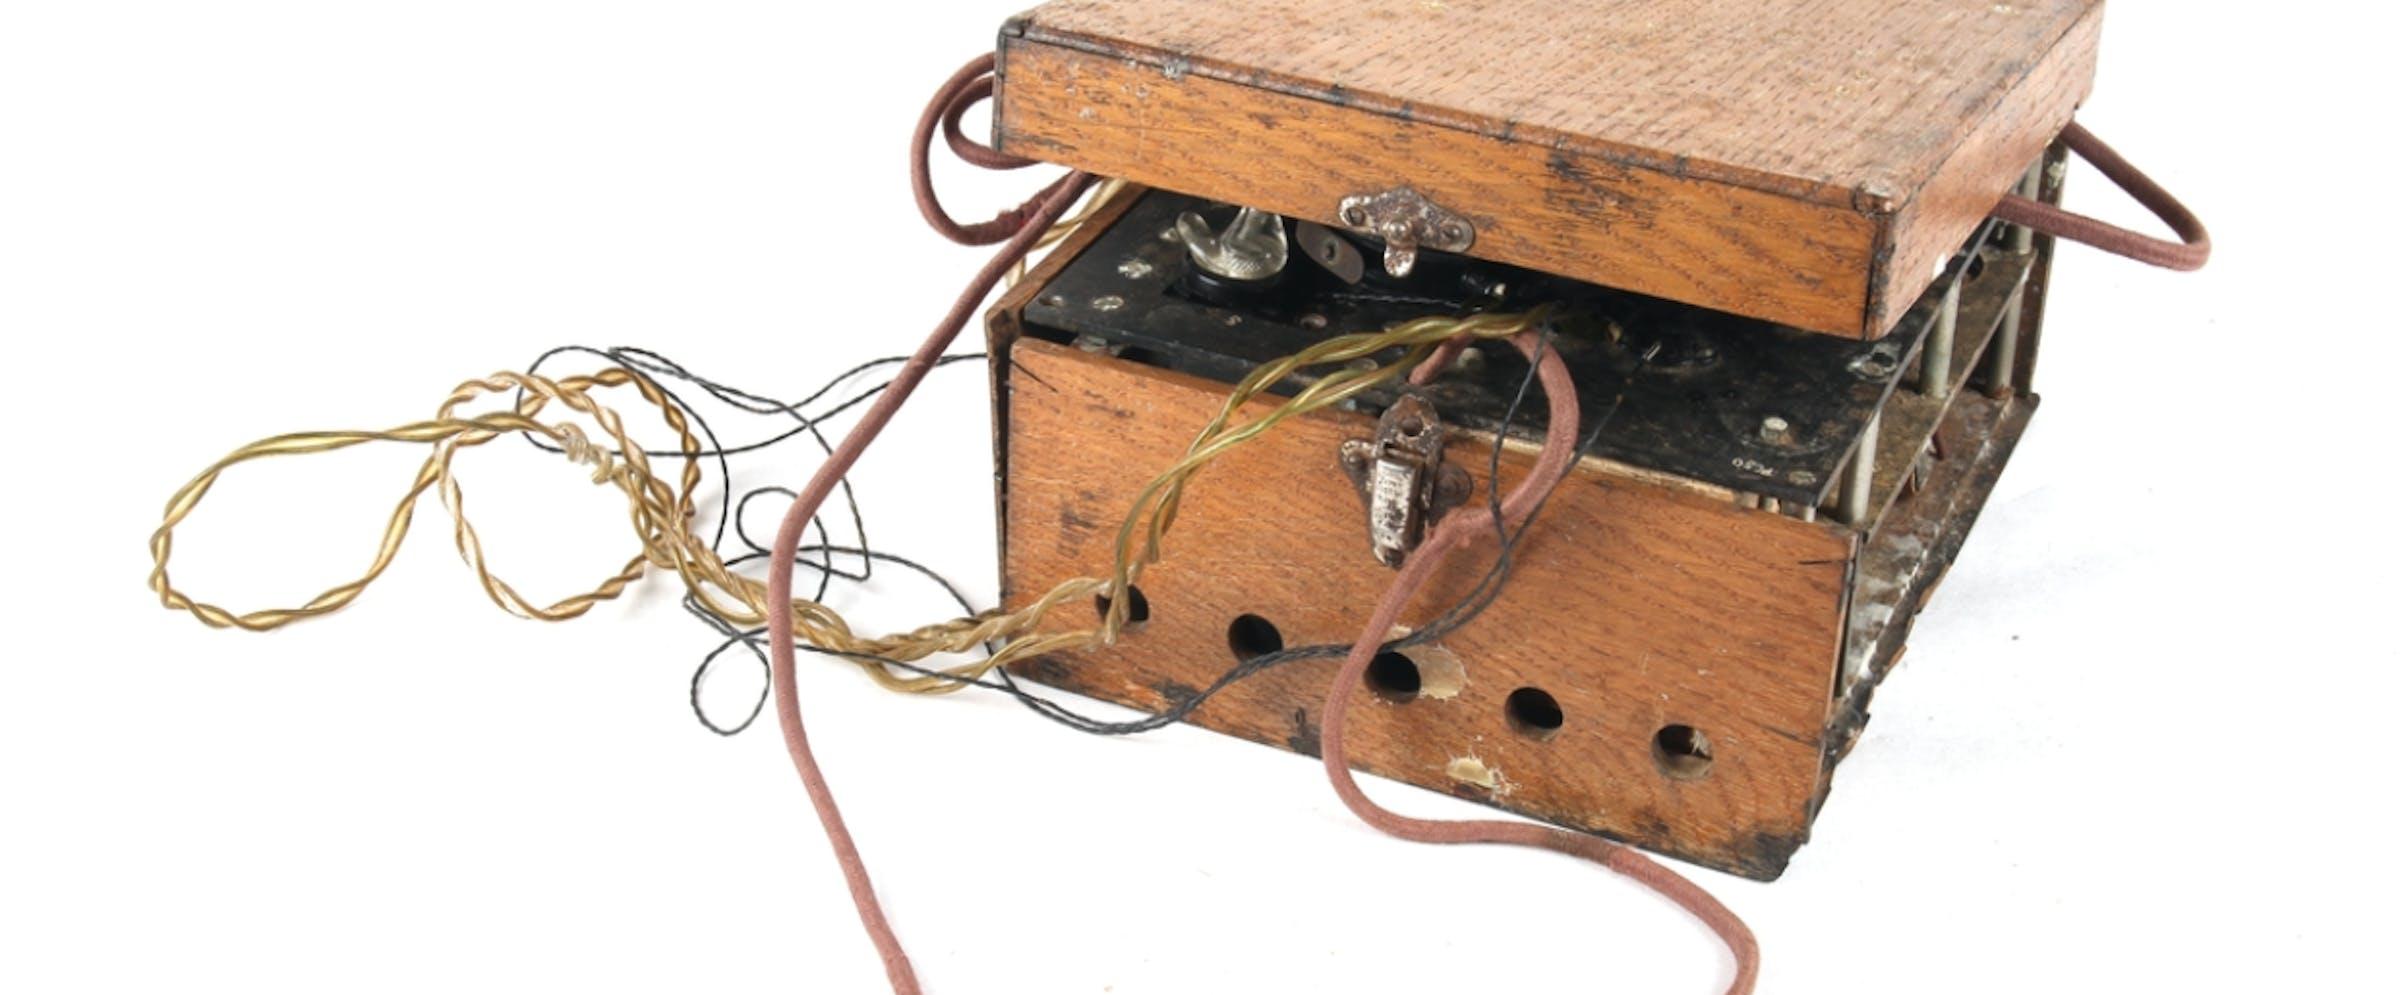 Hjemmelaget radio i treboks, med tilhørende kabler og hodetelefoner.